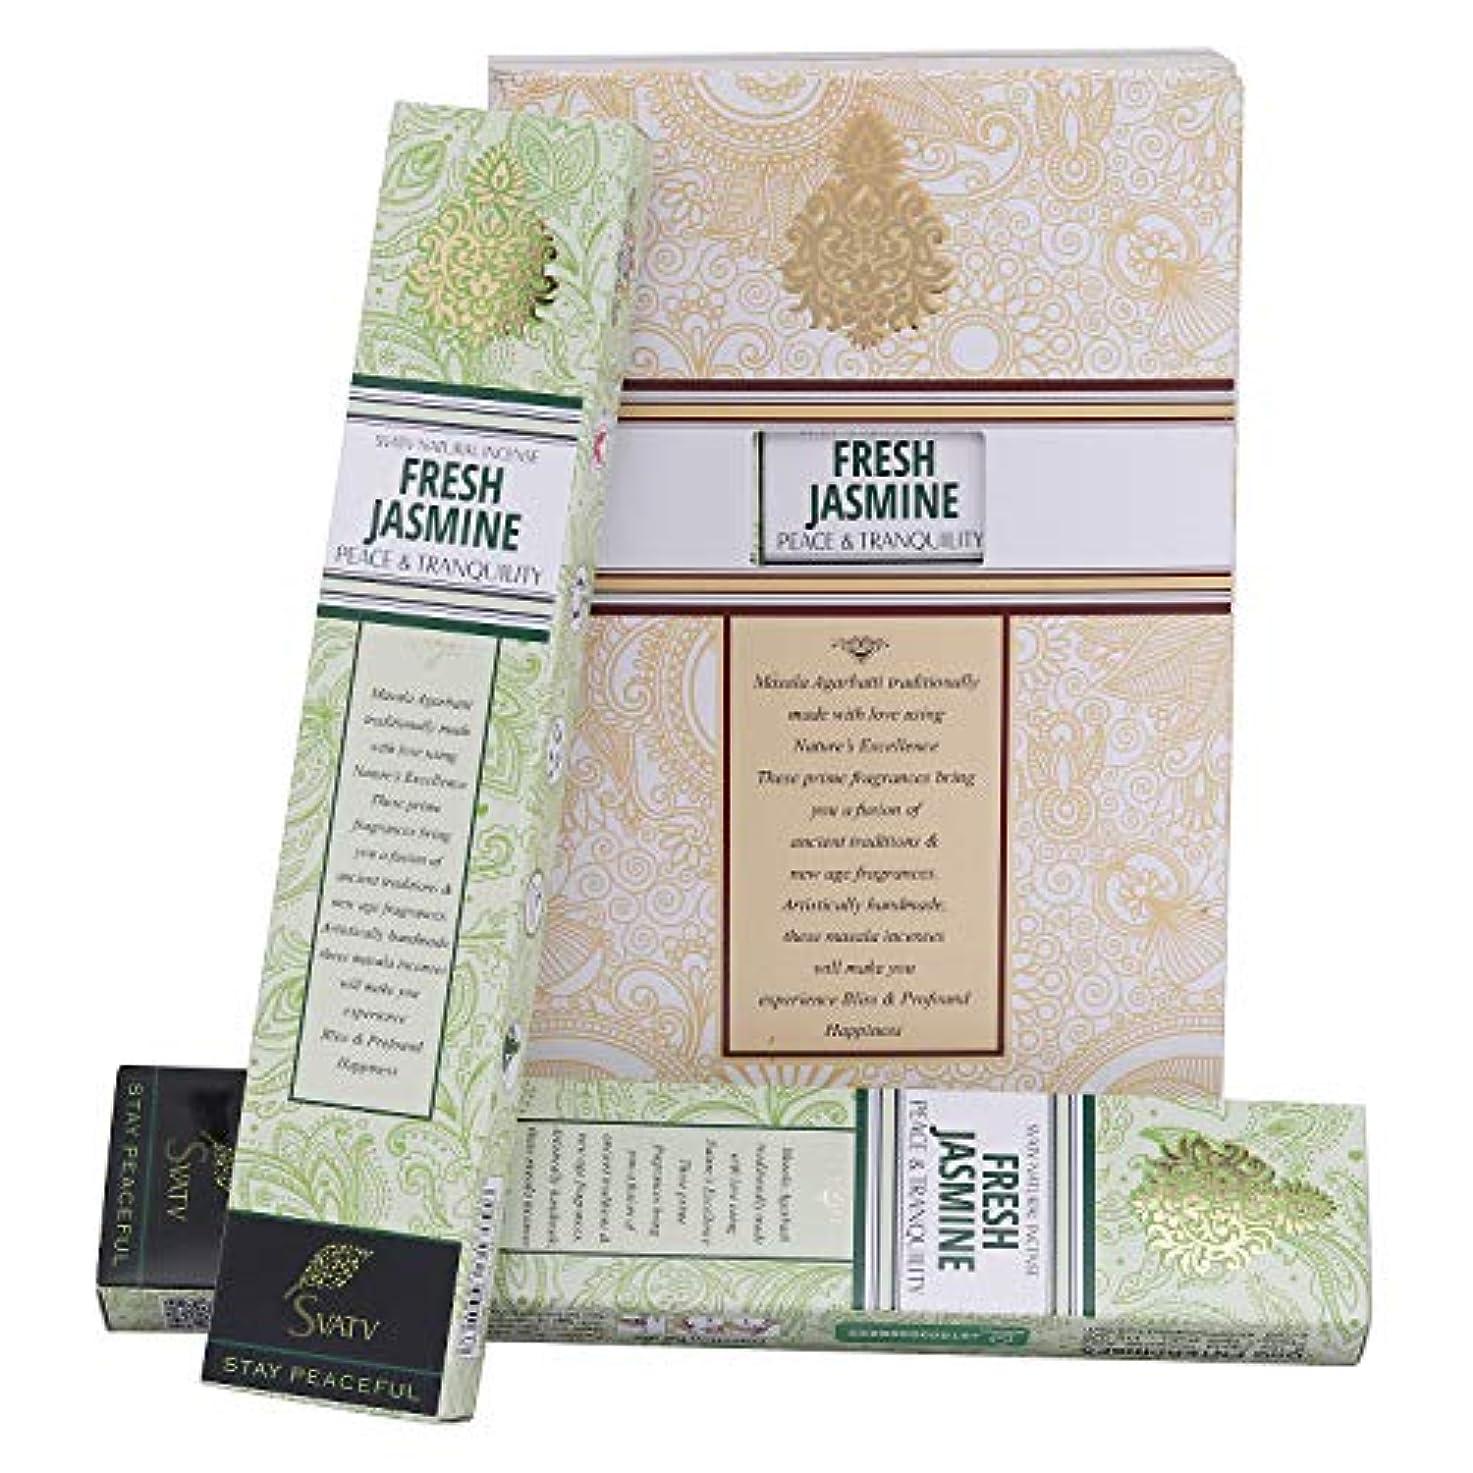 節約するメキシコ道徳SVATV Jasmine :: Hand Rolled Masala Incense Stick Made in India 15g Pack Of 2